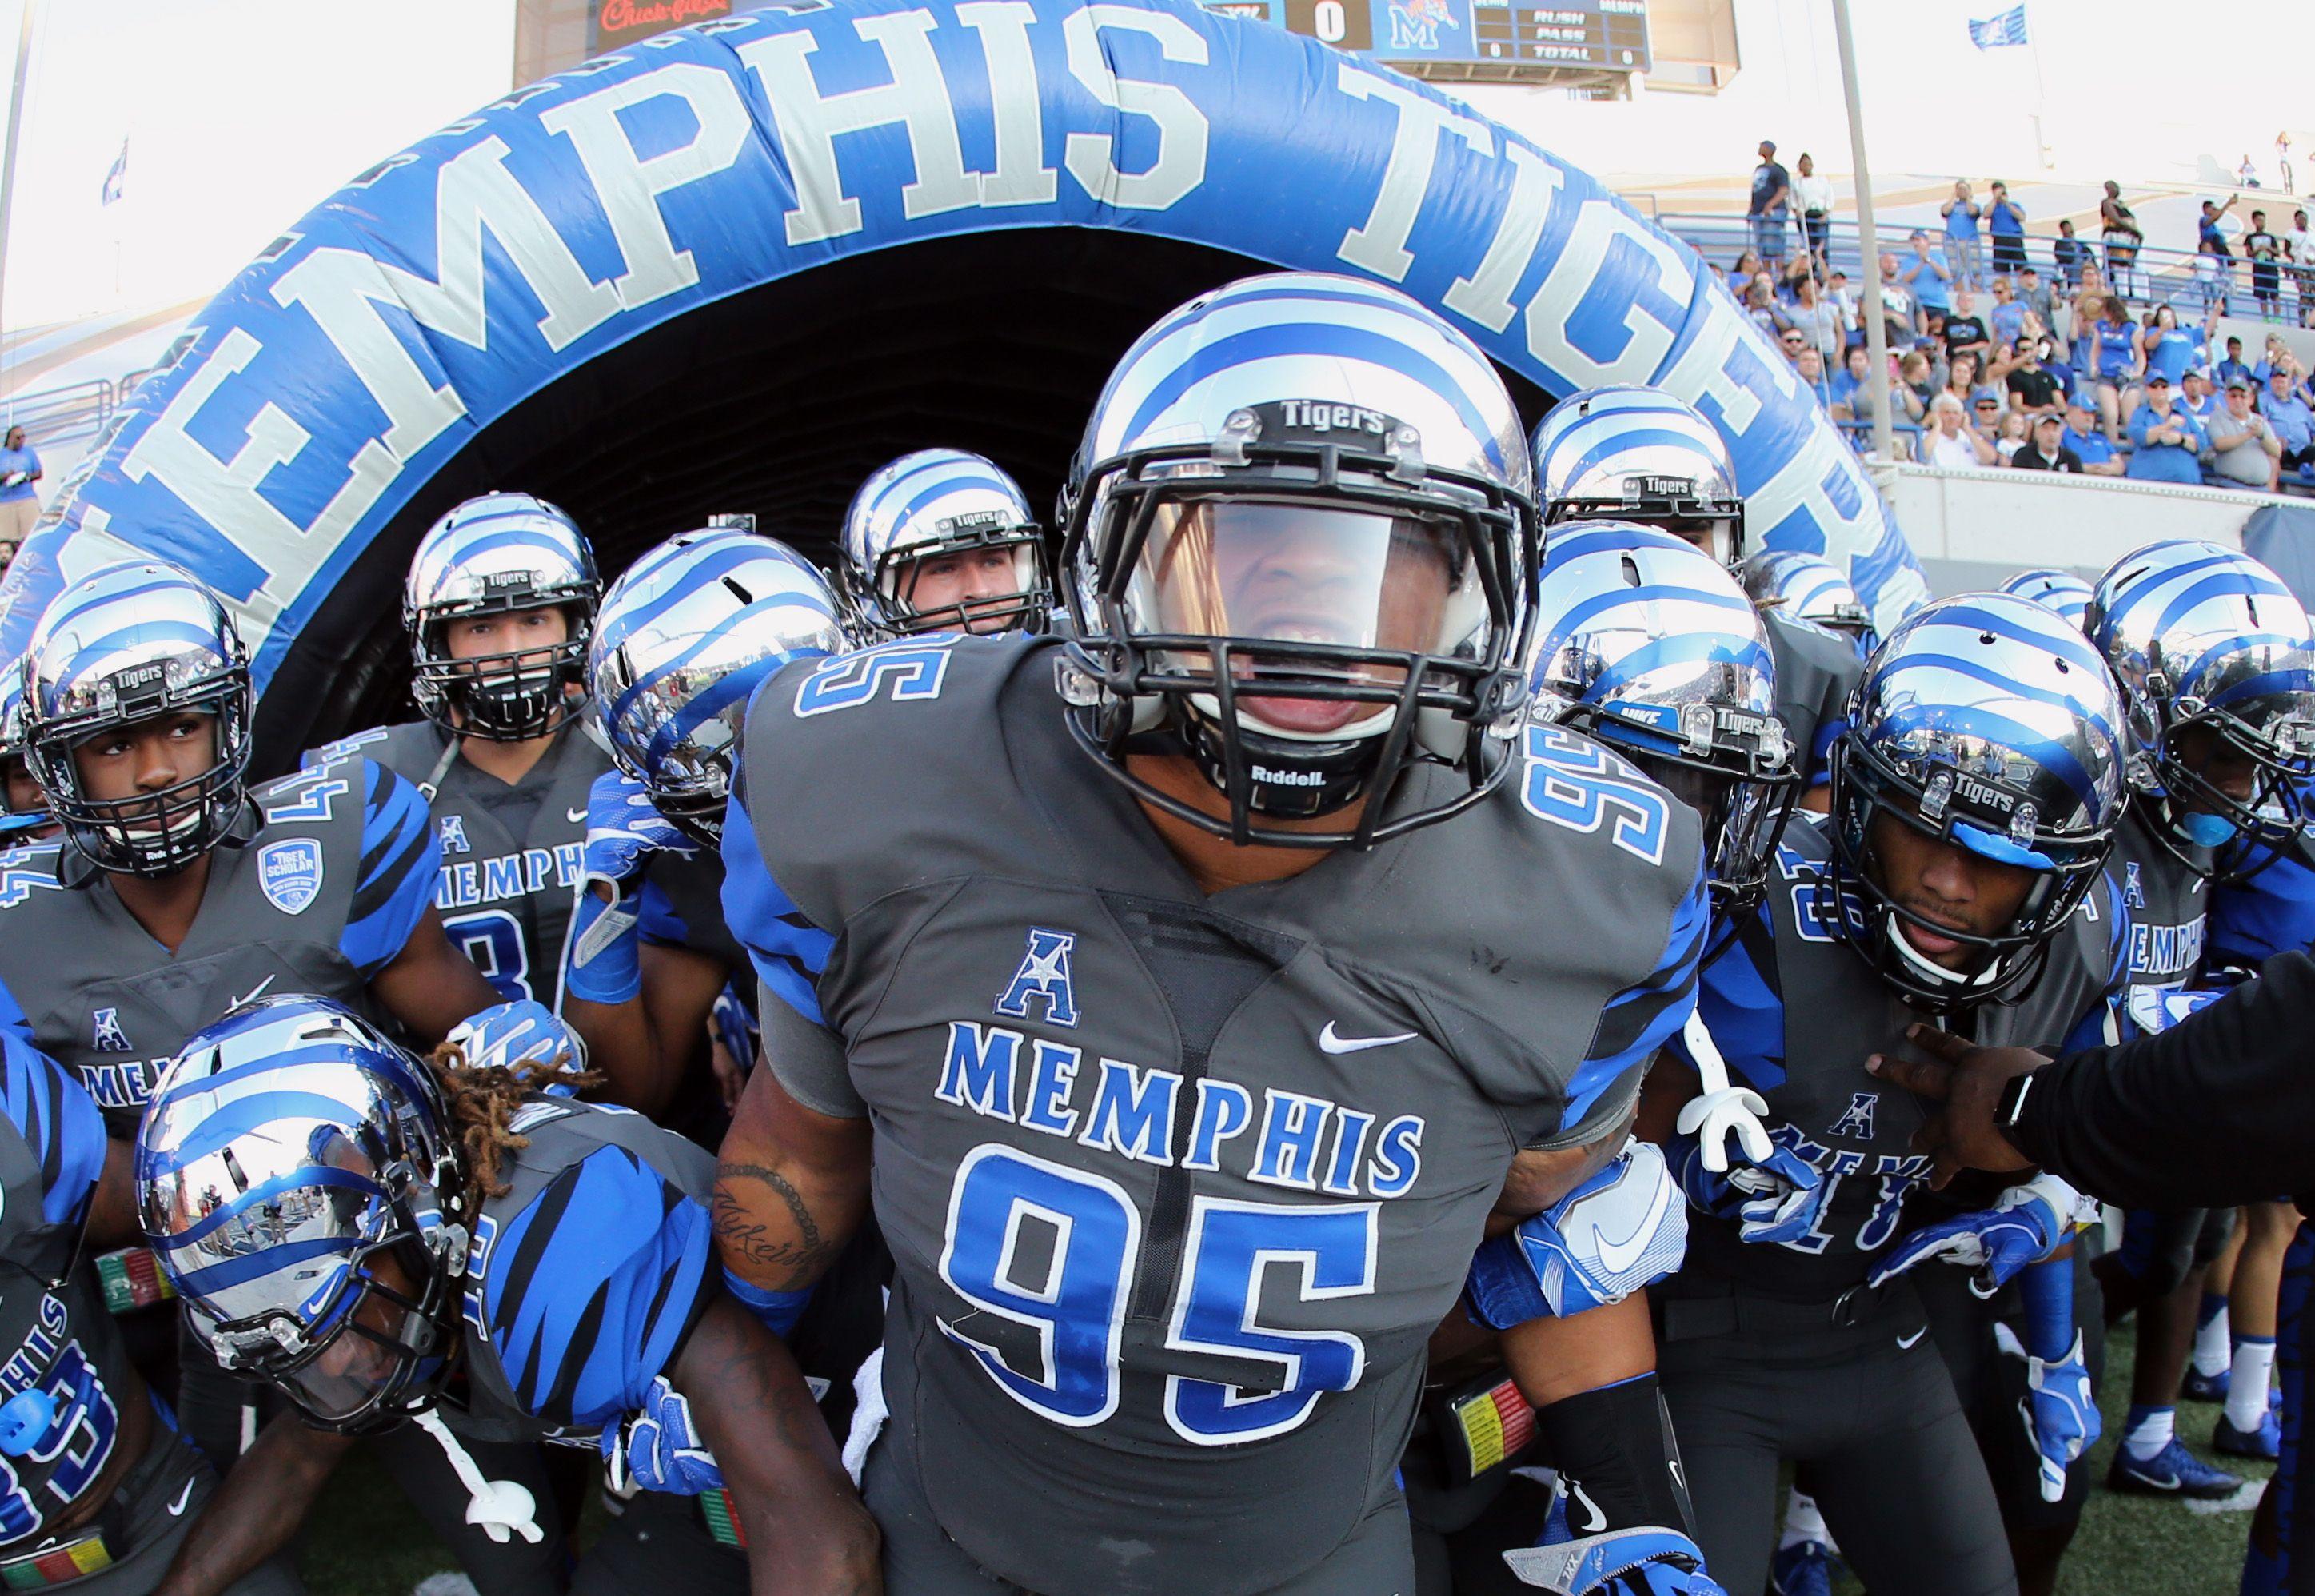 Memphis tigers football memphis football memphis tigers